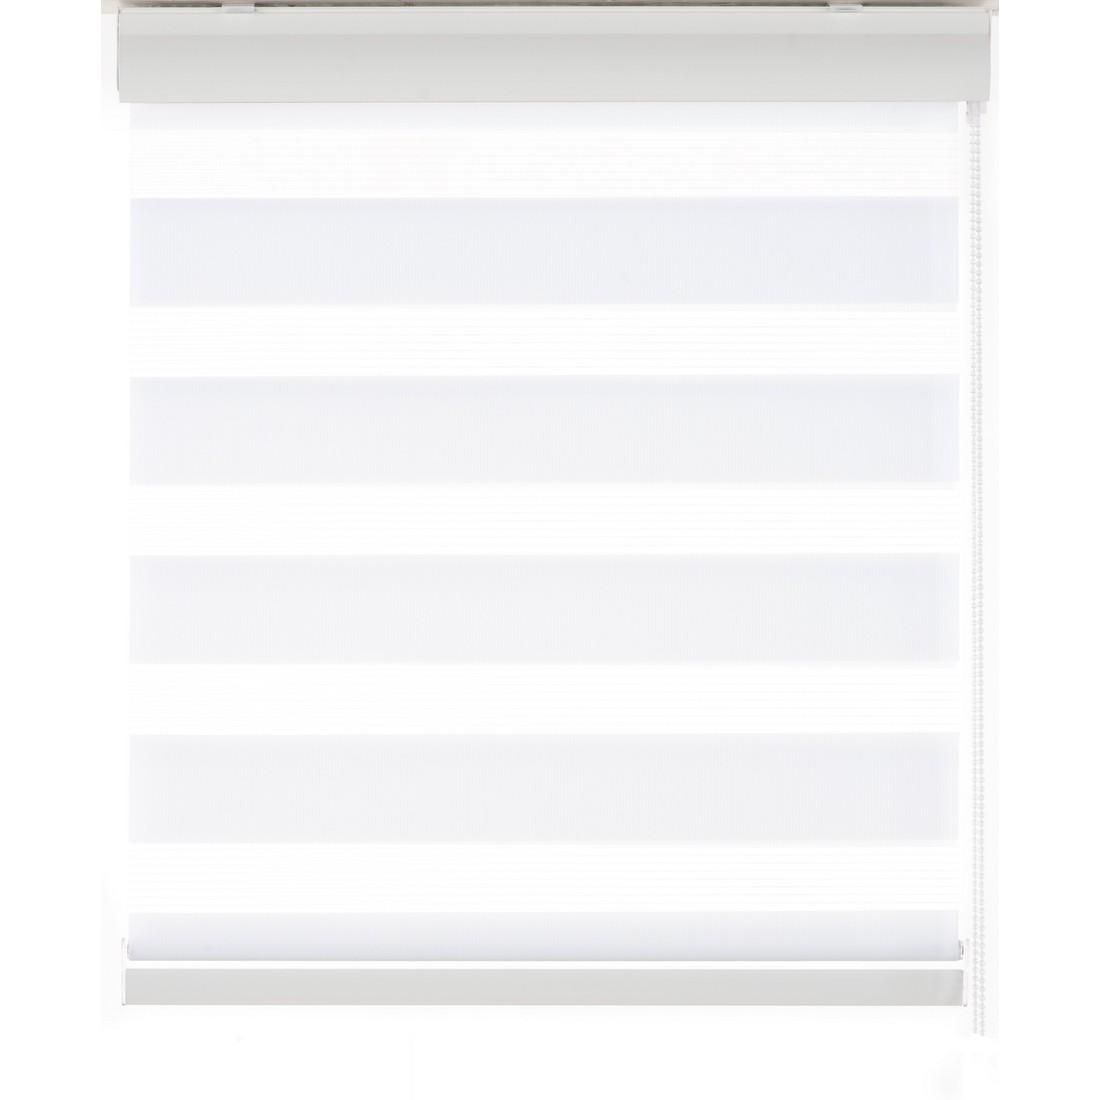 Doppelrollo London (Breite 100-200 cm) – mit Blende – Weiß – Breite: 160 cm Höhe: 175 cm, Sandega kaufen